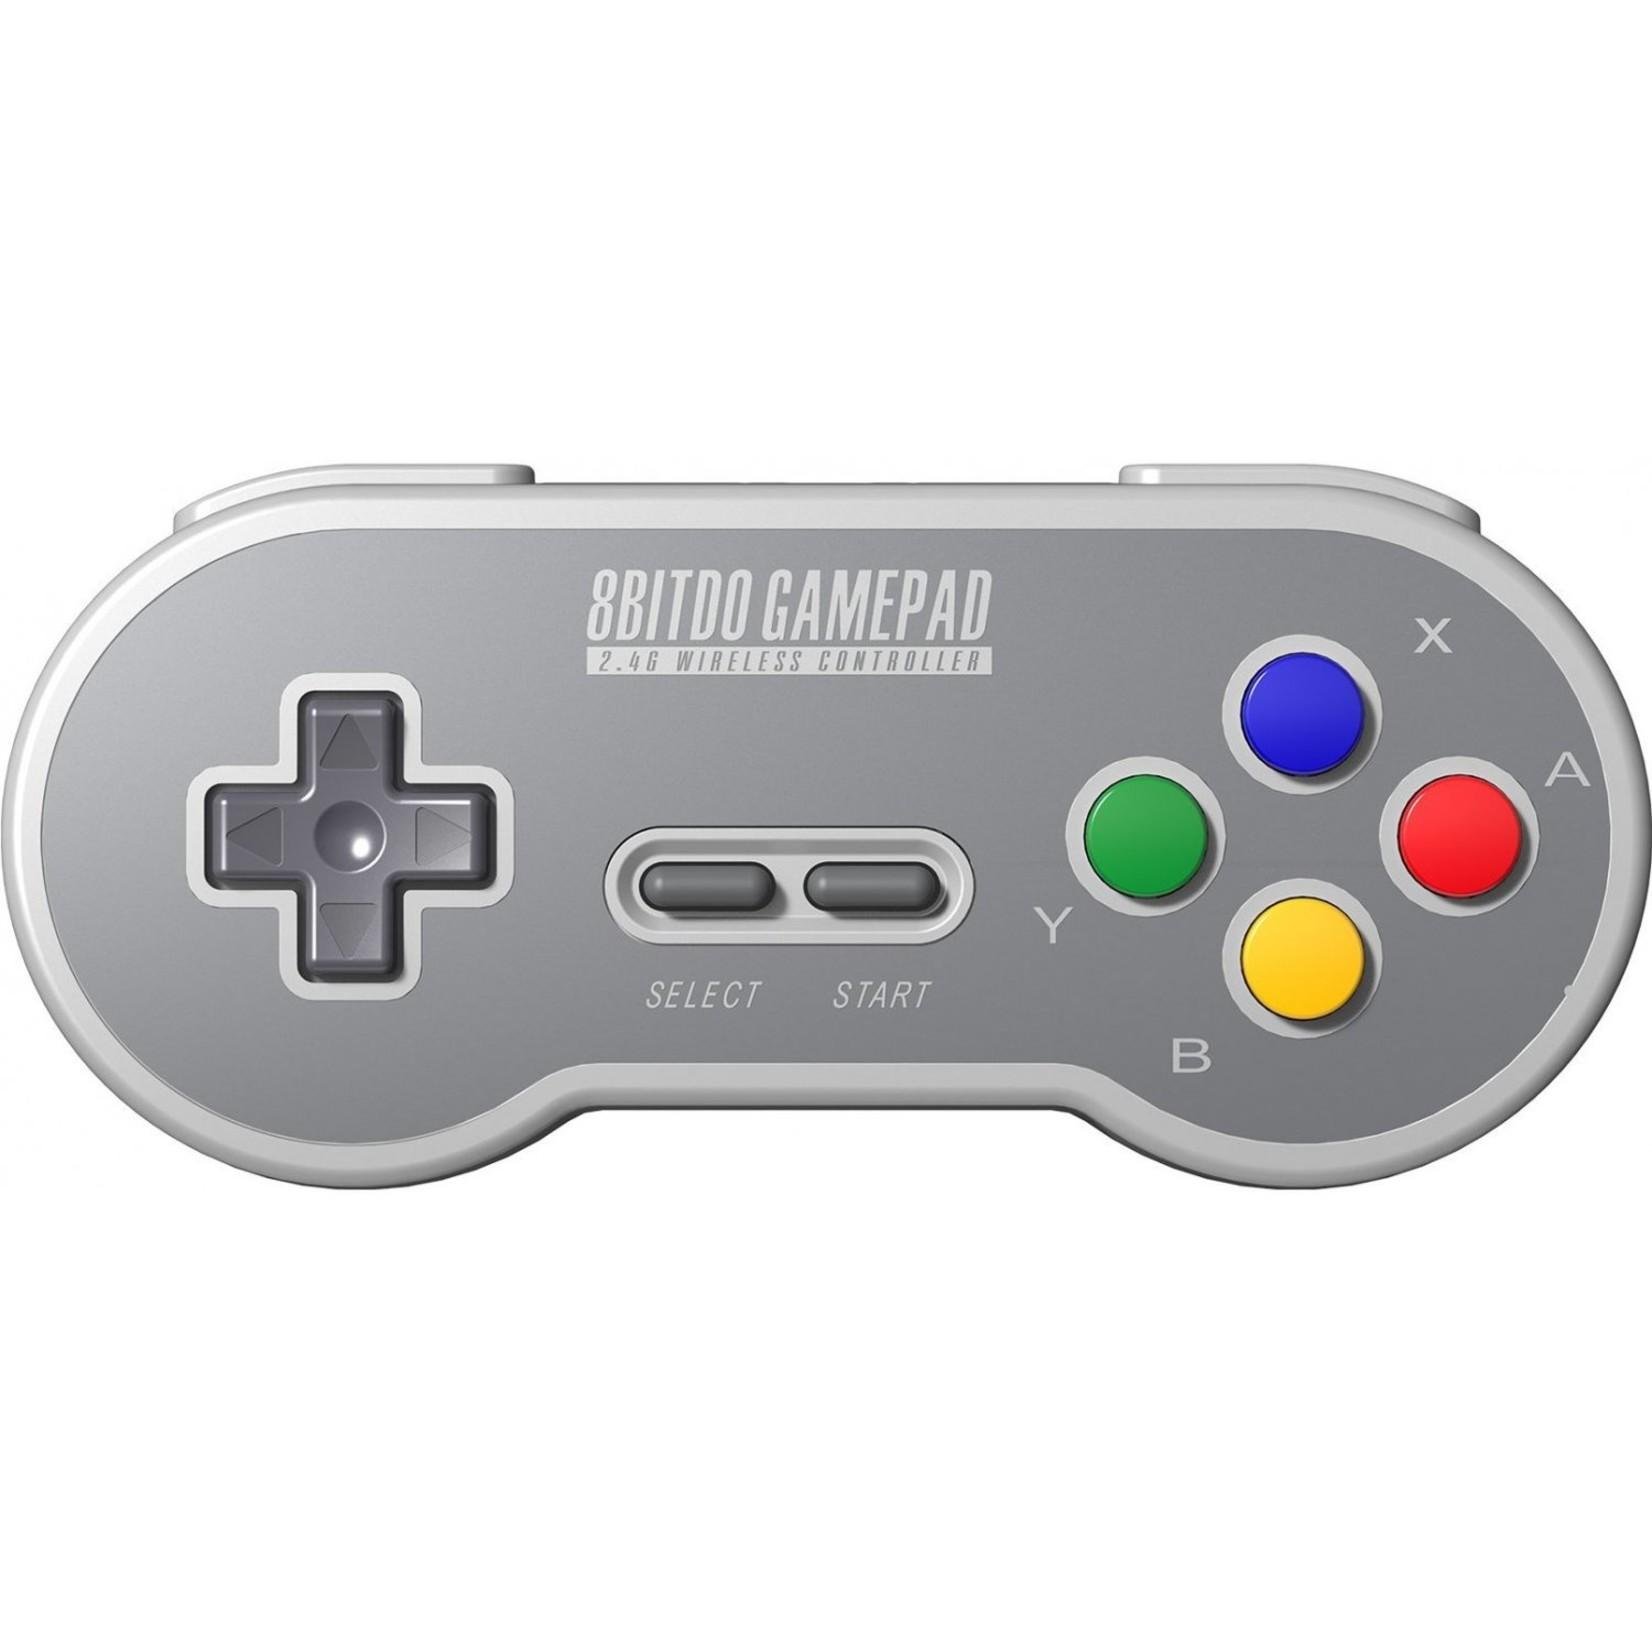 SF30 Draadloze Controller / Gamepad voor SNES Classic Mini (8Bitdo)